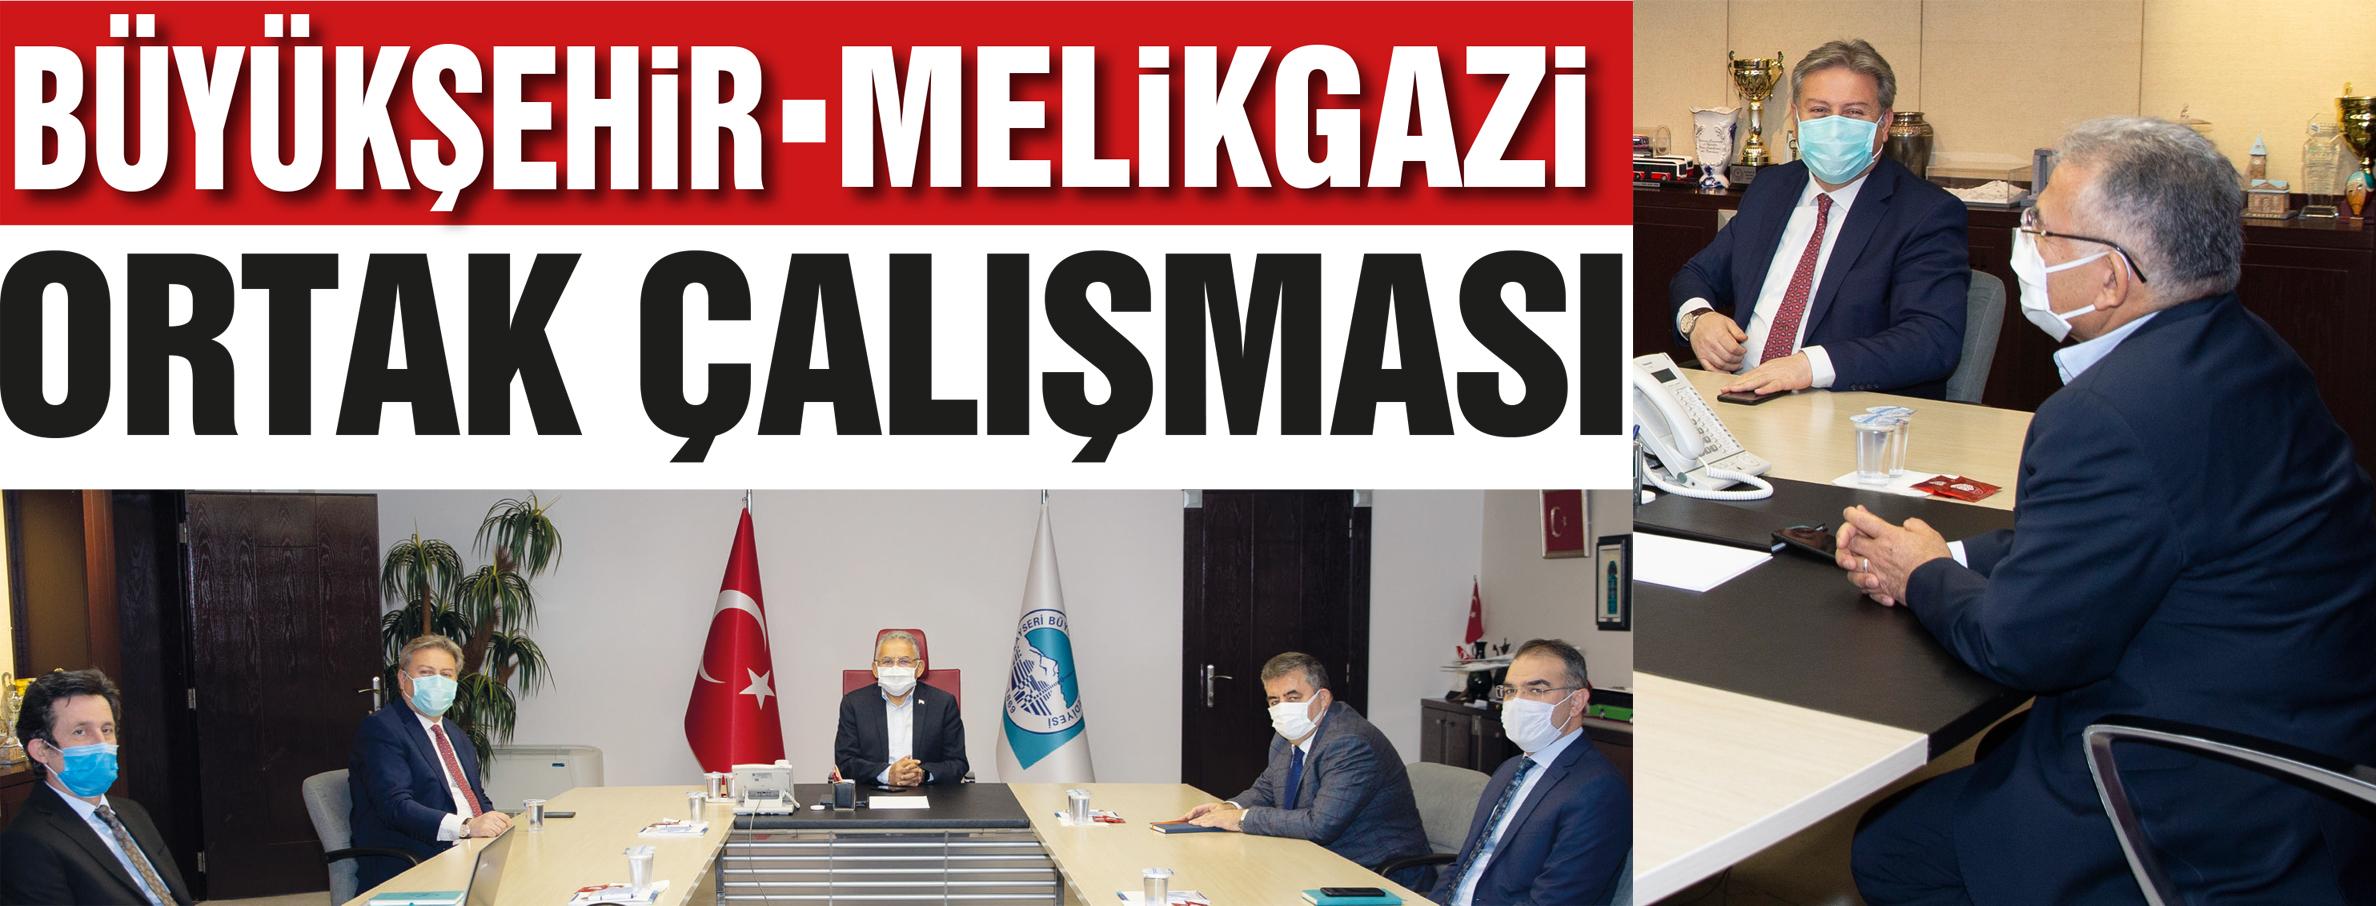 Büyükkılıç'tan 'Ortak' Melikgazi çalışması